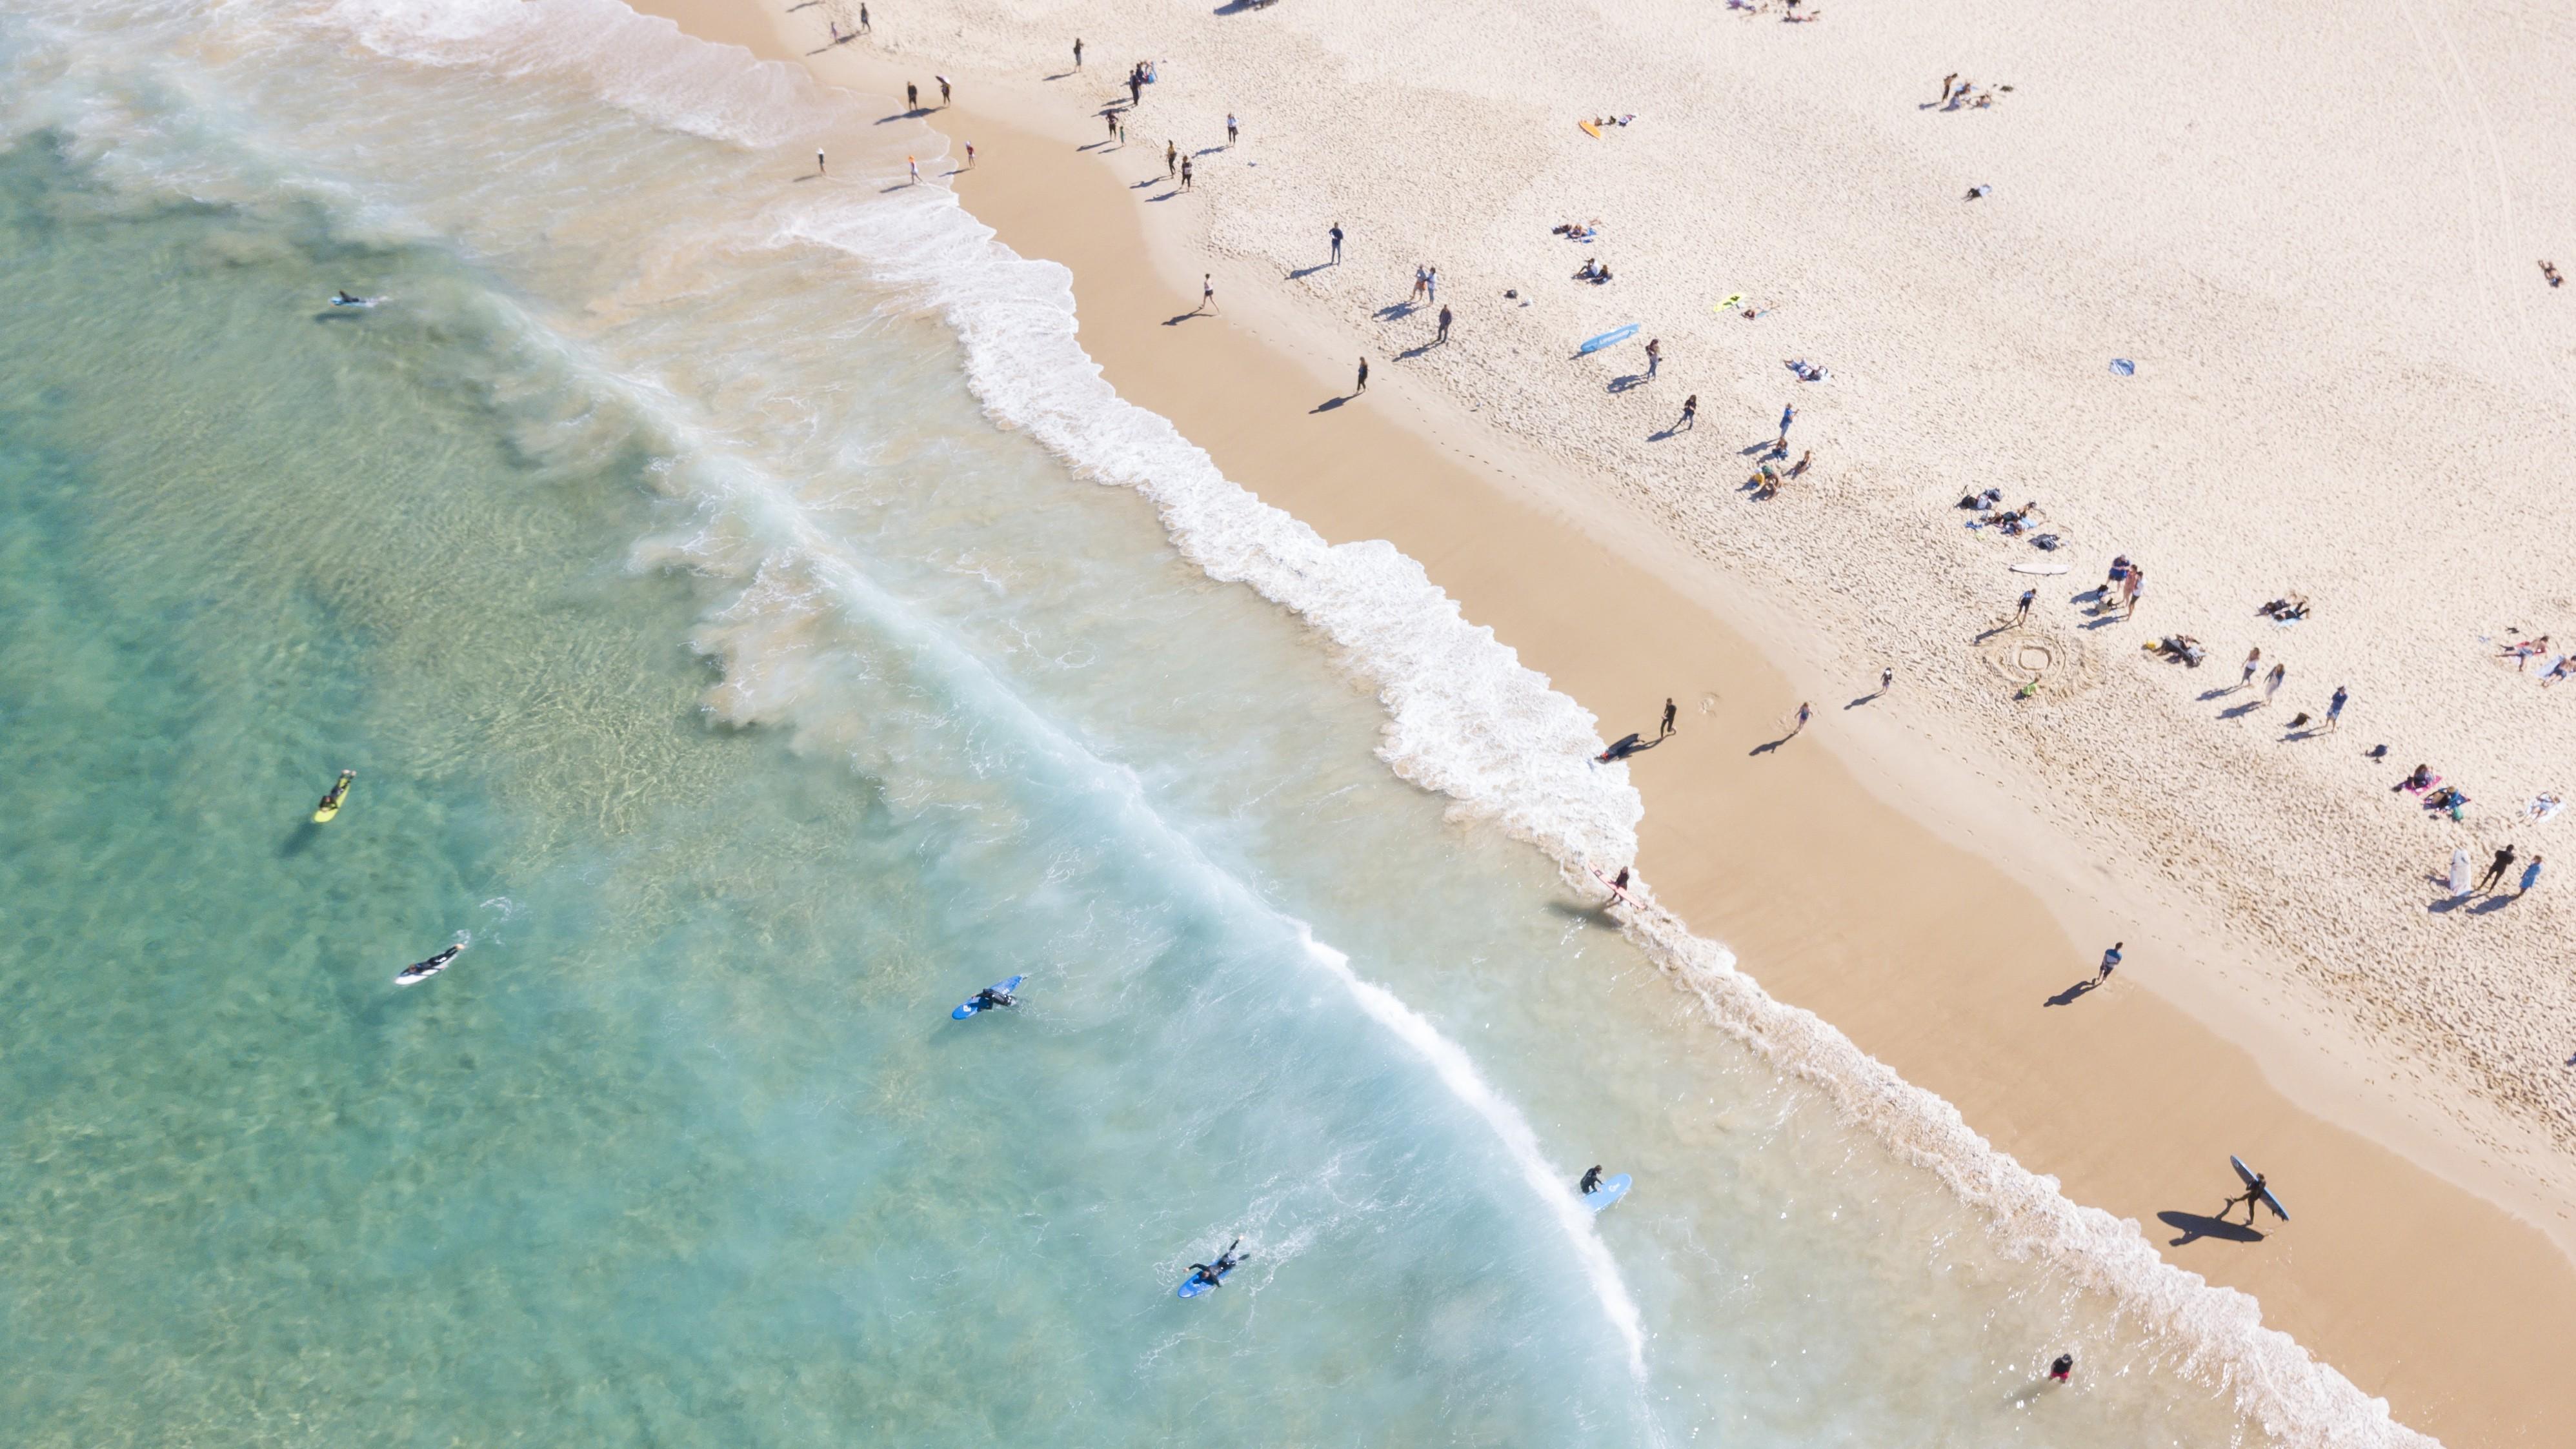 Surfing on Bondi Beach, Sydney